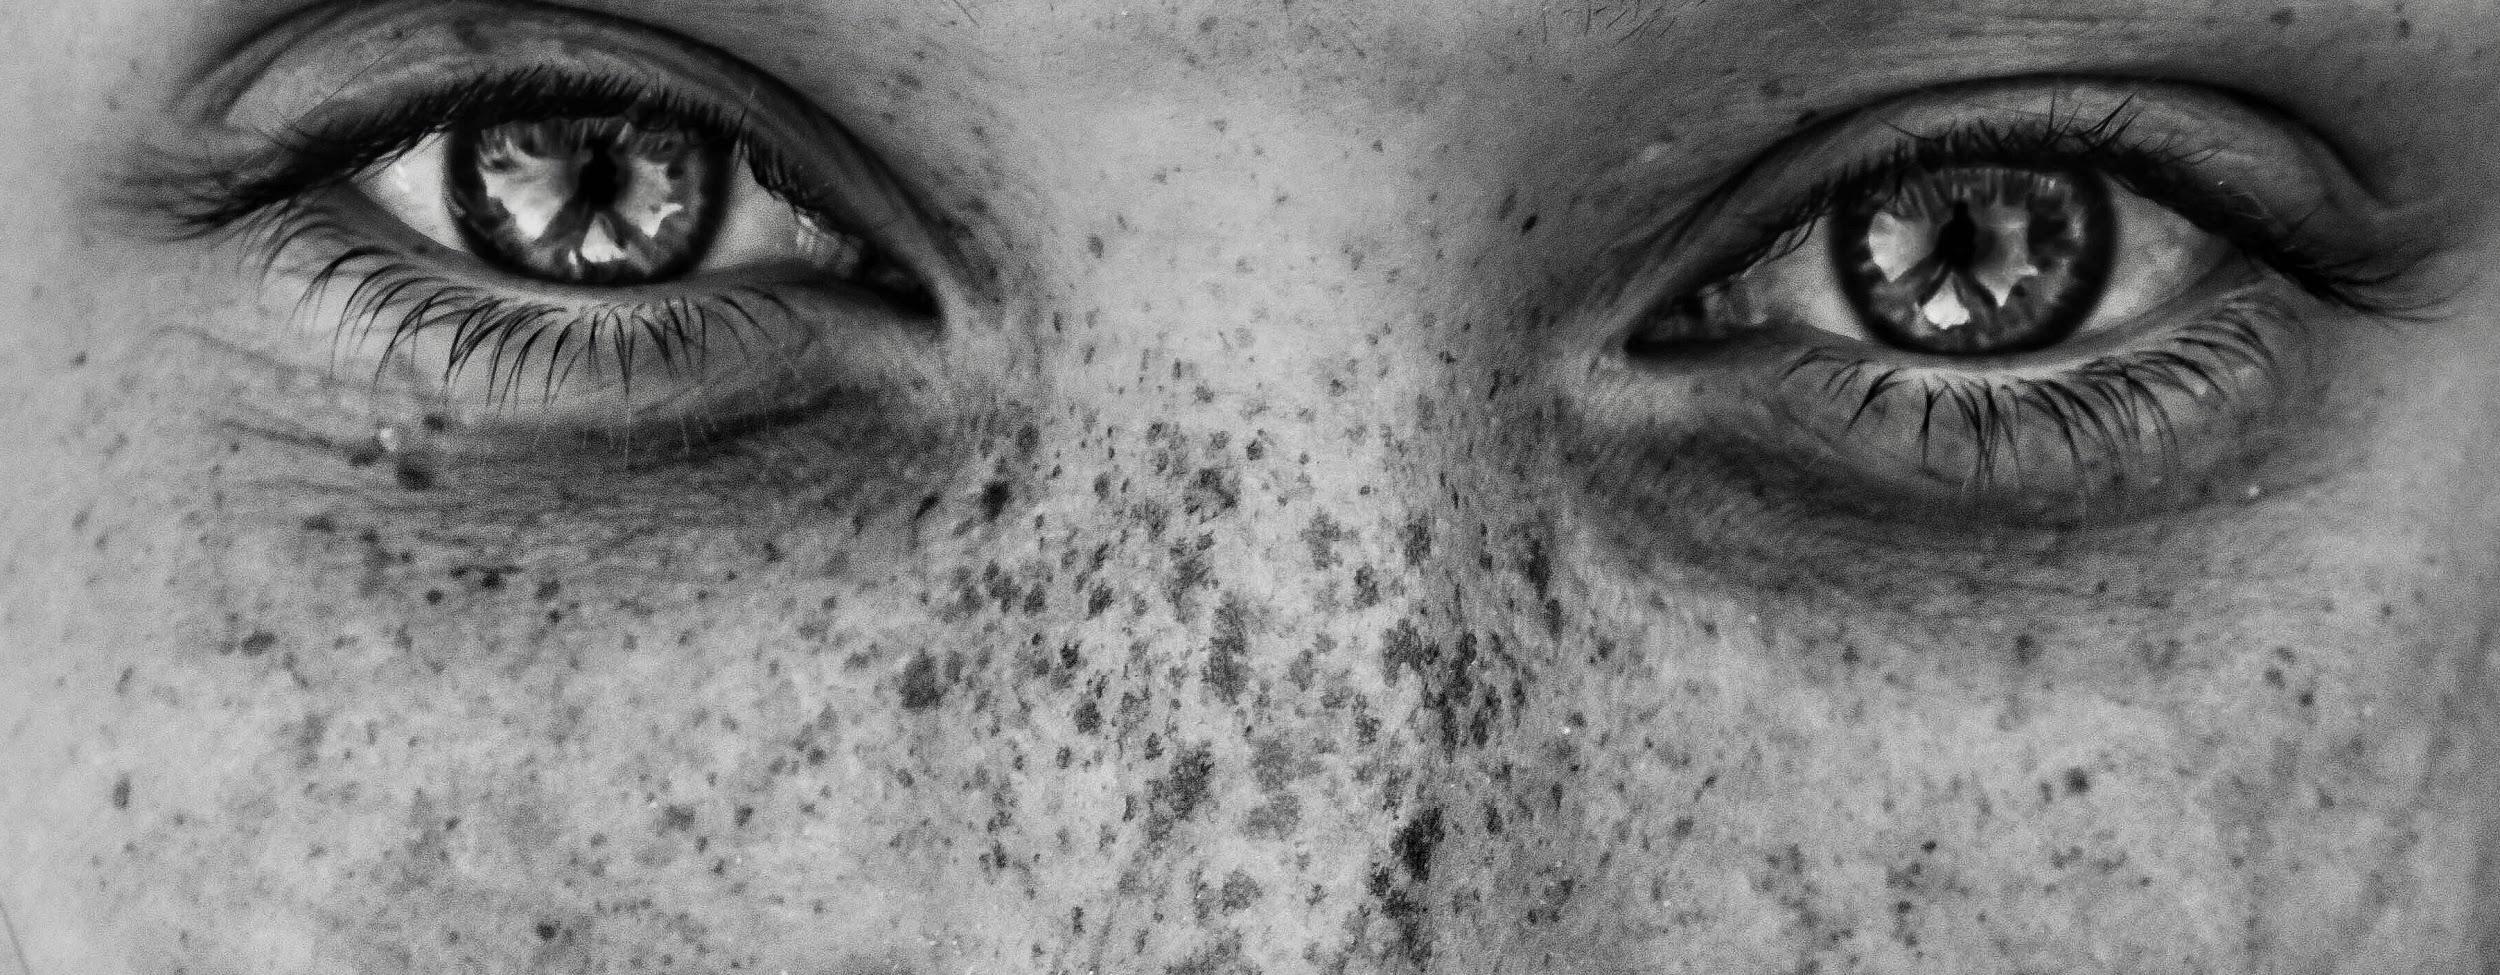 les points noirs sur le nez